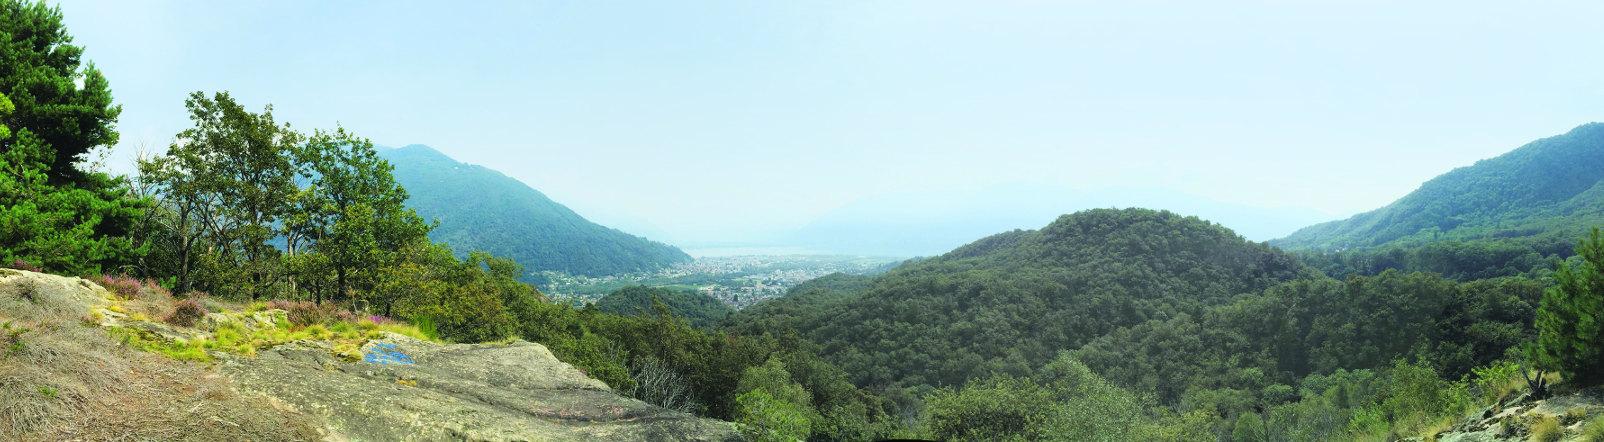 Locarno e il Lago Maggiore visti dal punto panoramico della Collina di Maia.